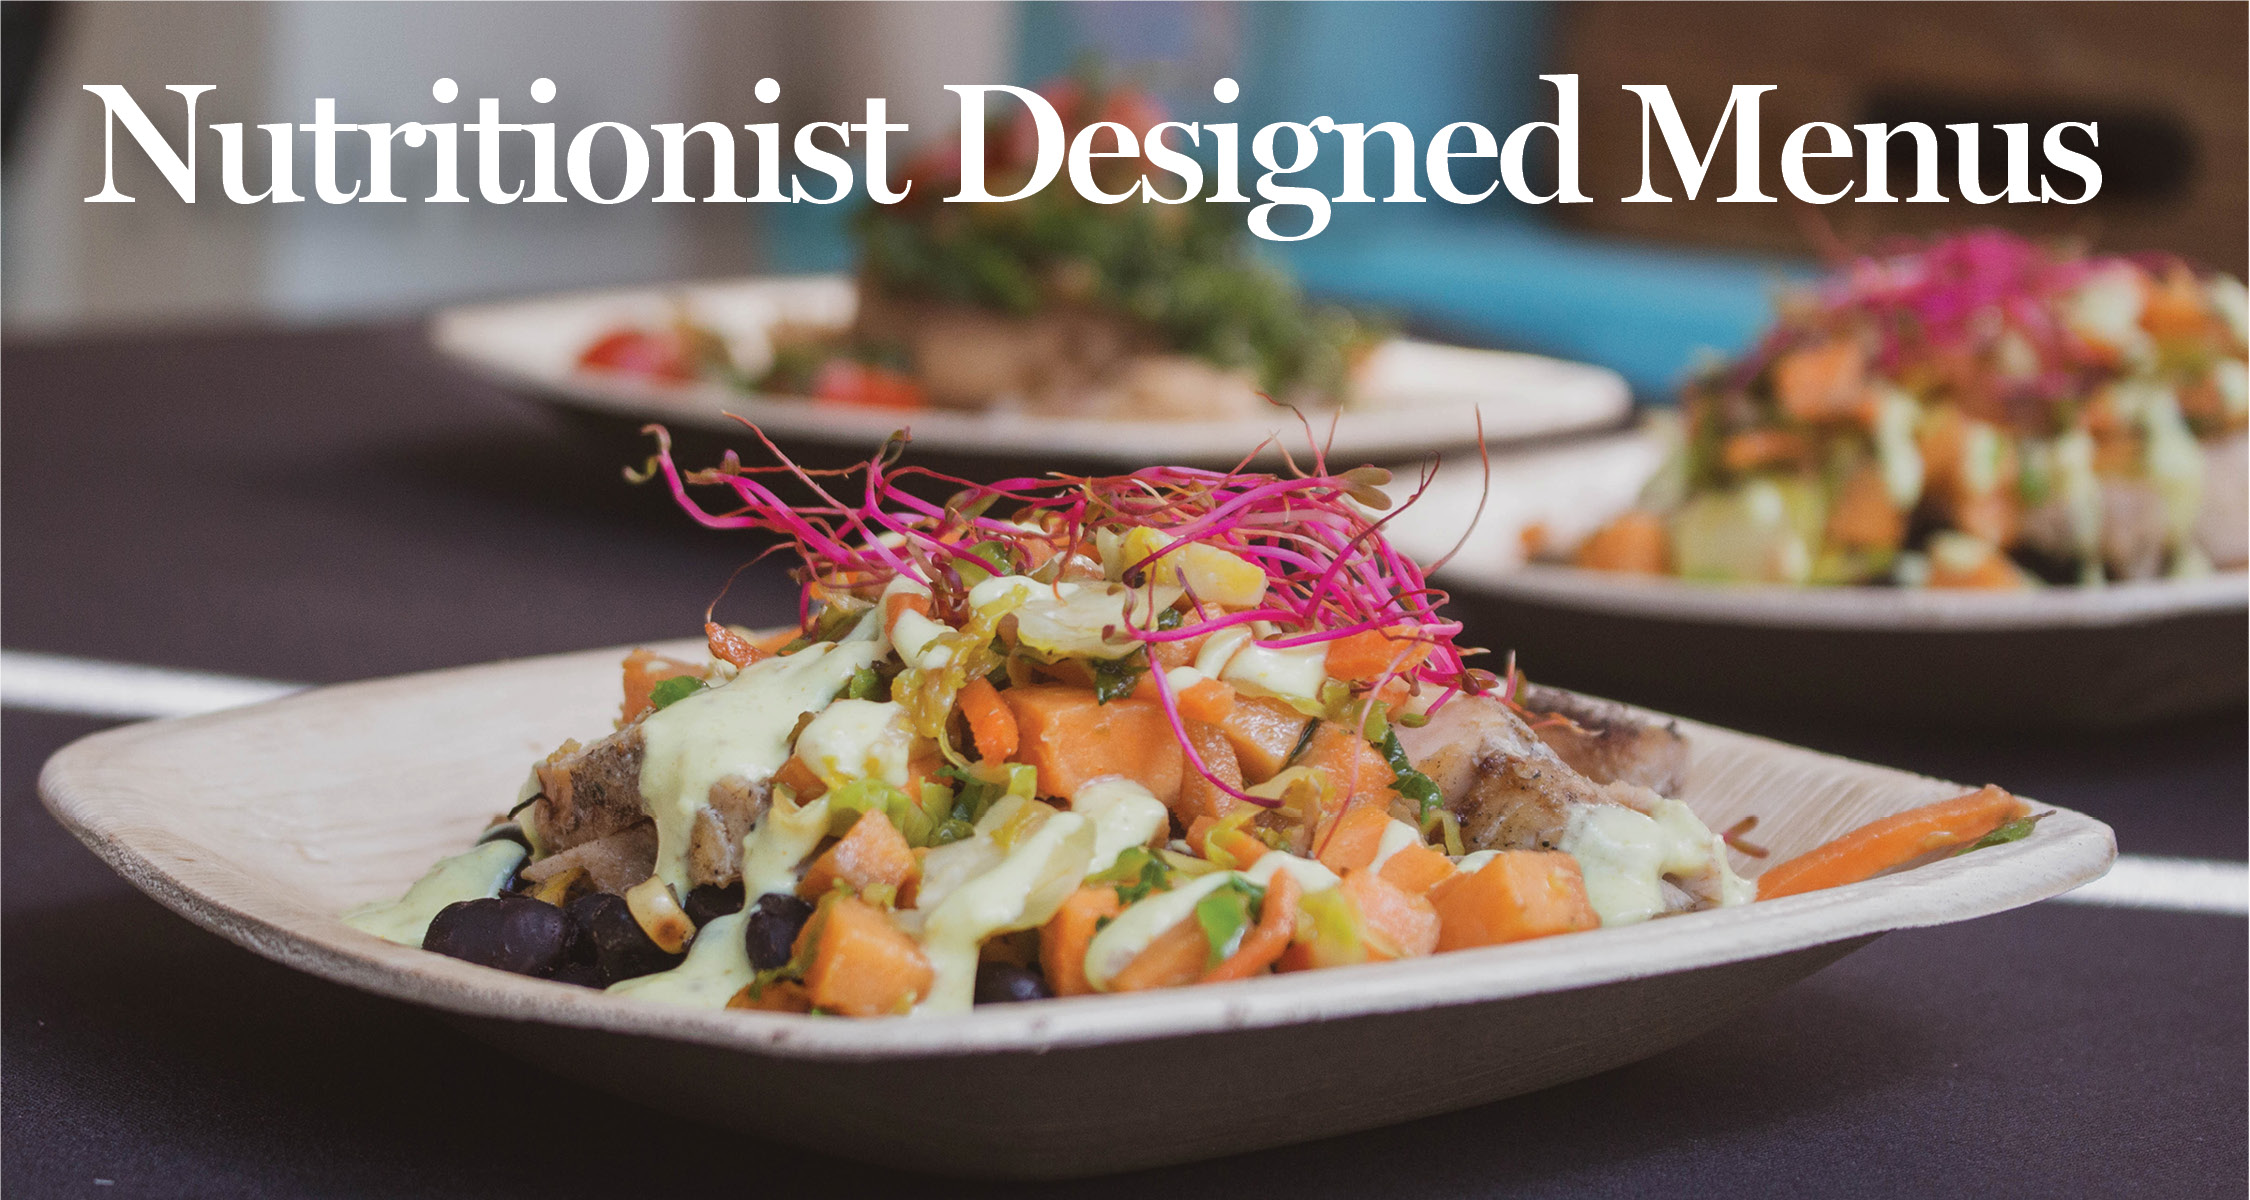 Nutritionist Designed Menus